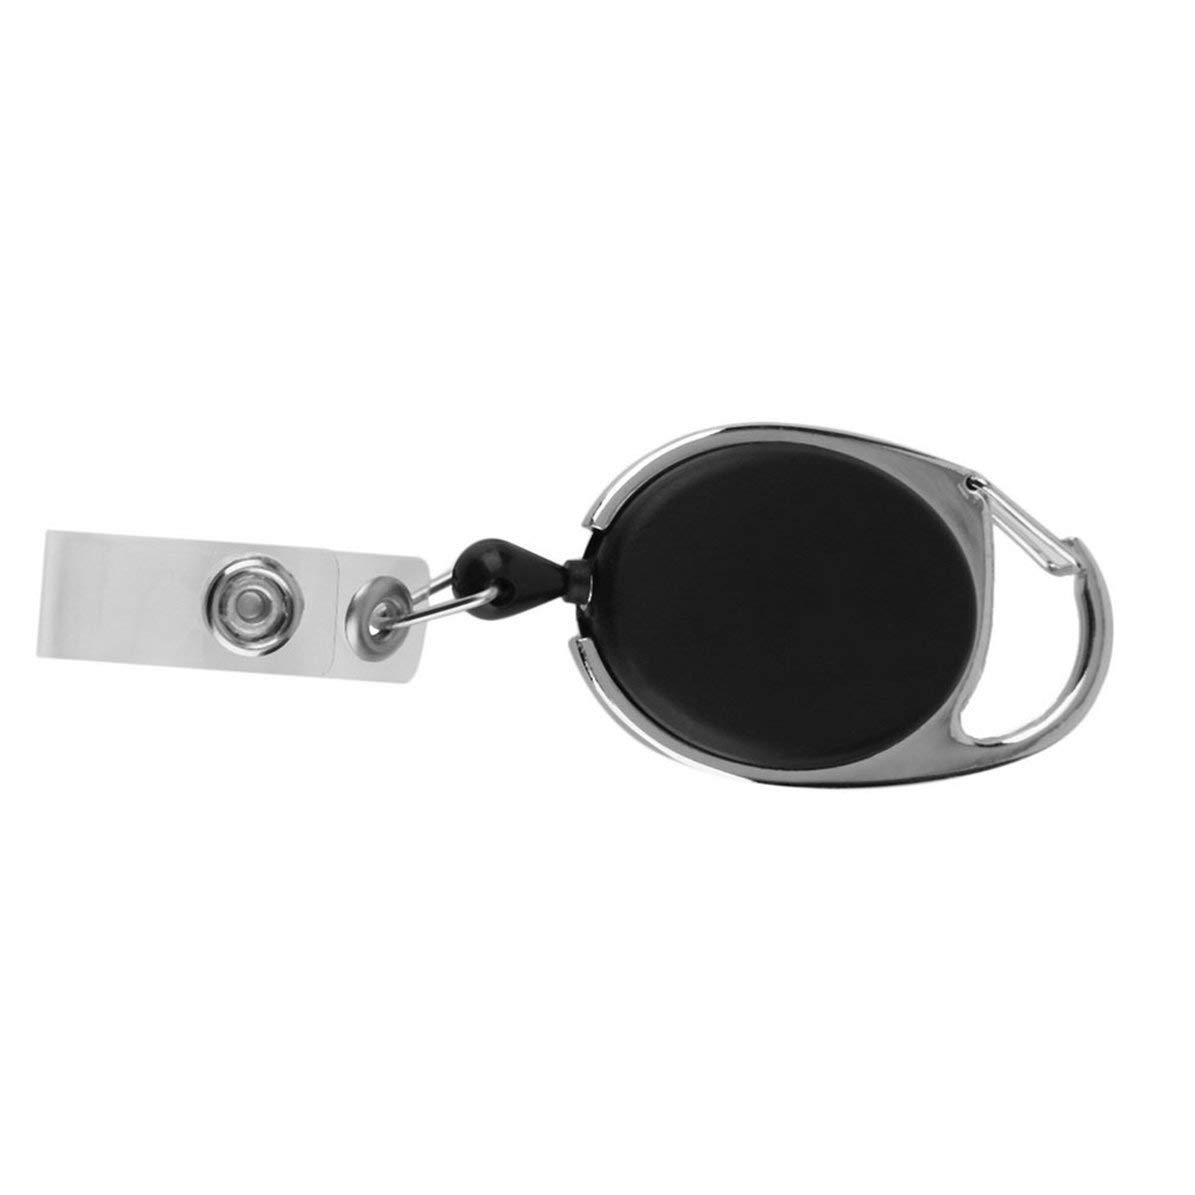 La carte r/étractable noire de badge de carte didentit/é d/étiquette d/étiquette de ceinture dattache de ceinture attache la cha/îne loge les enveloppes en plastique de style de mousqueton noir,